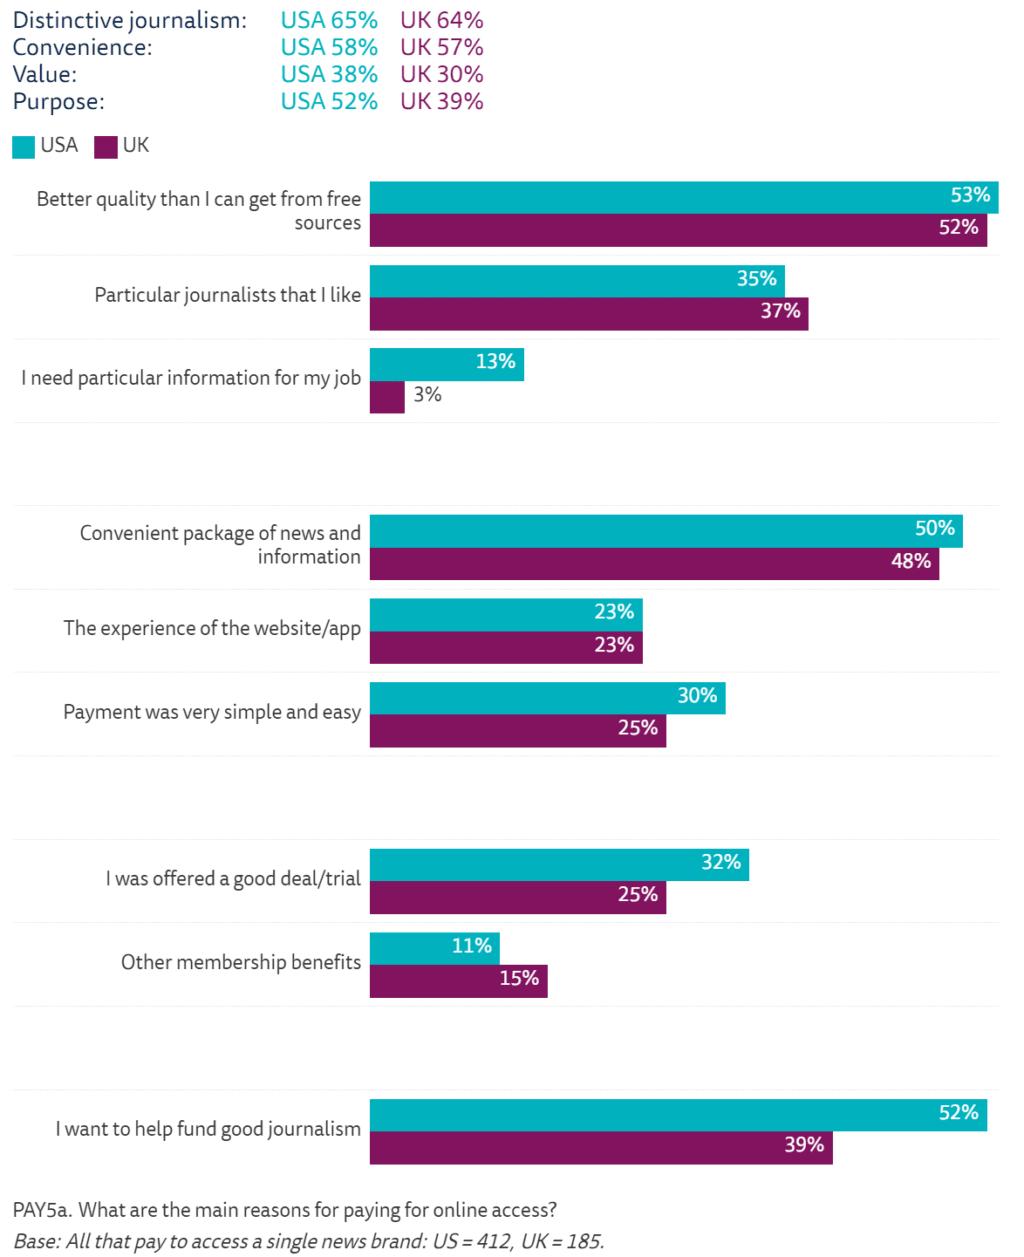 로이터 저널리즘 연구소디지탈 뉴스 유료 구독 이유, Data & Graph by Reuters Institute for the Study of Journalism